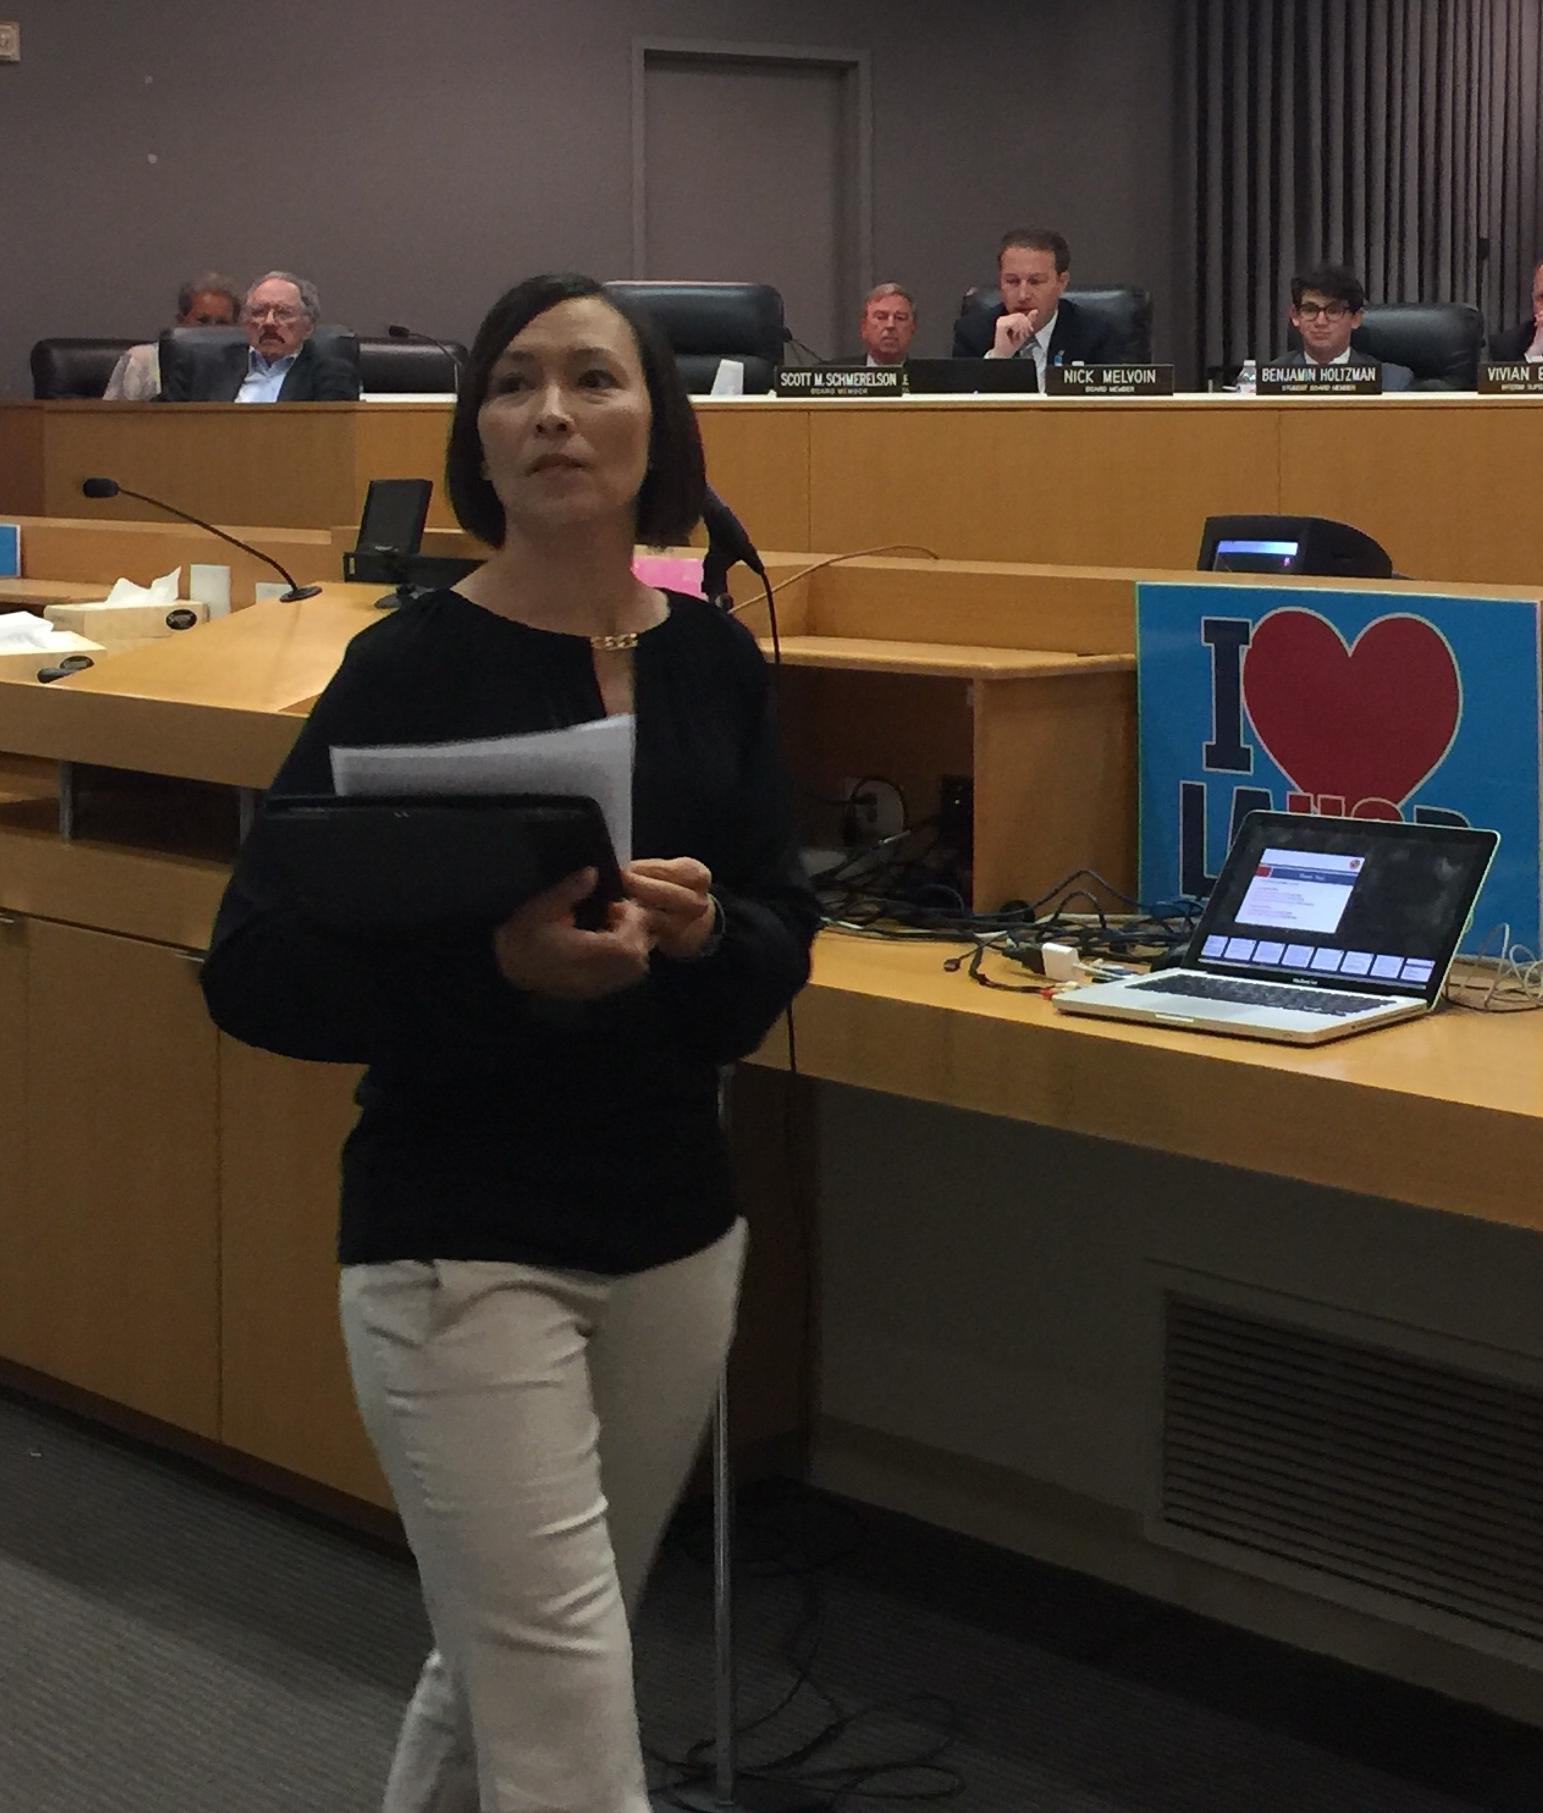 Jennifer Redekopp begs the new LAUSD superintendent to overhaul how LAUSD treats parents.